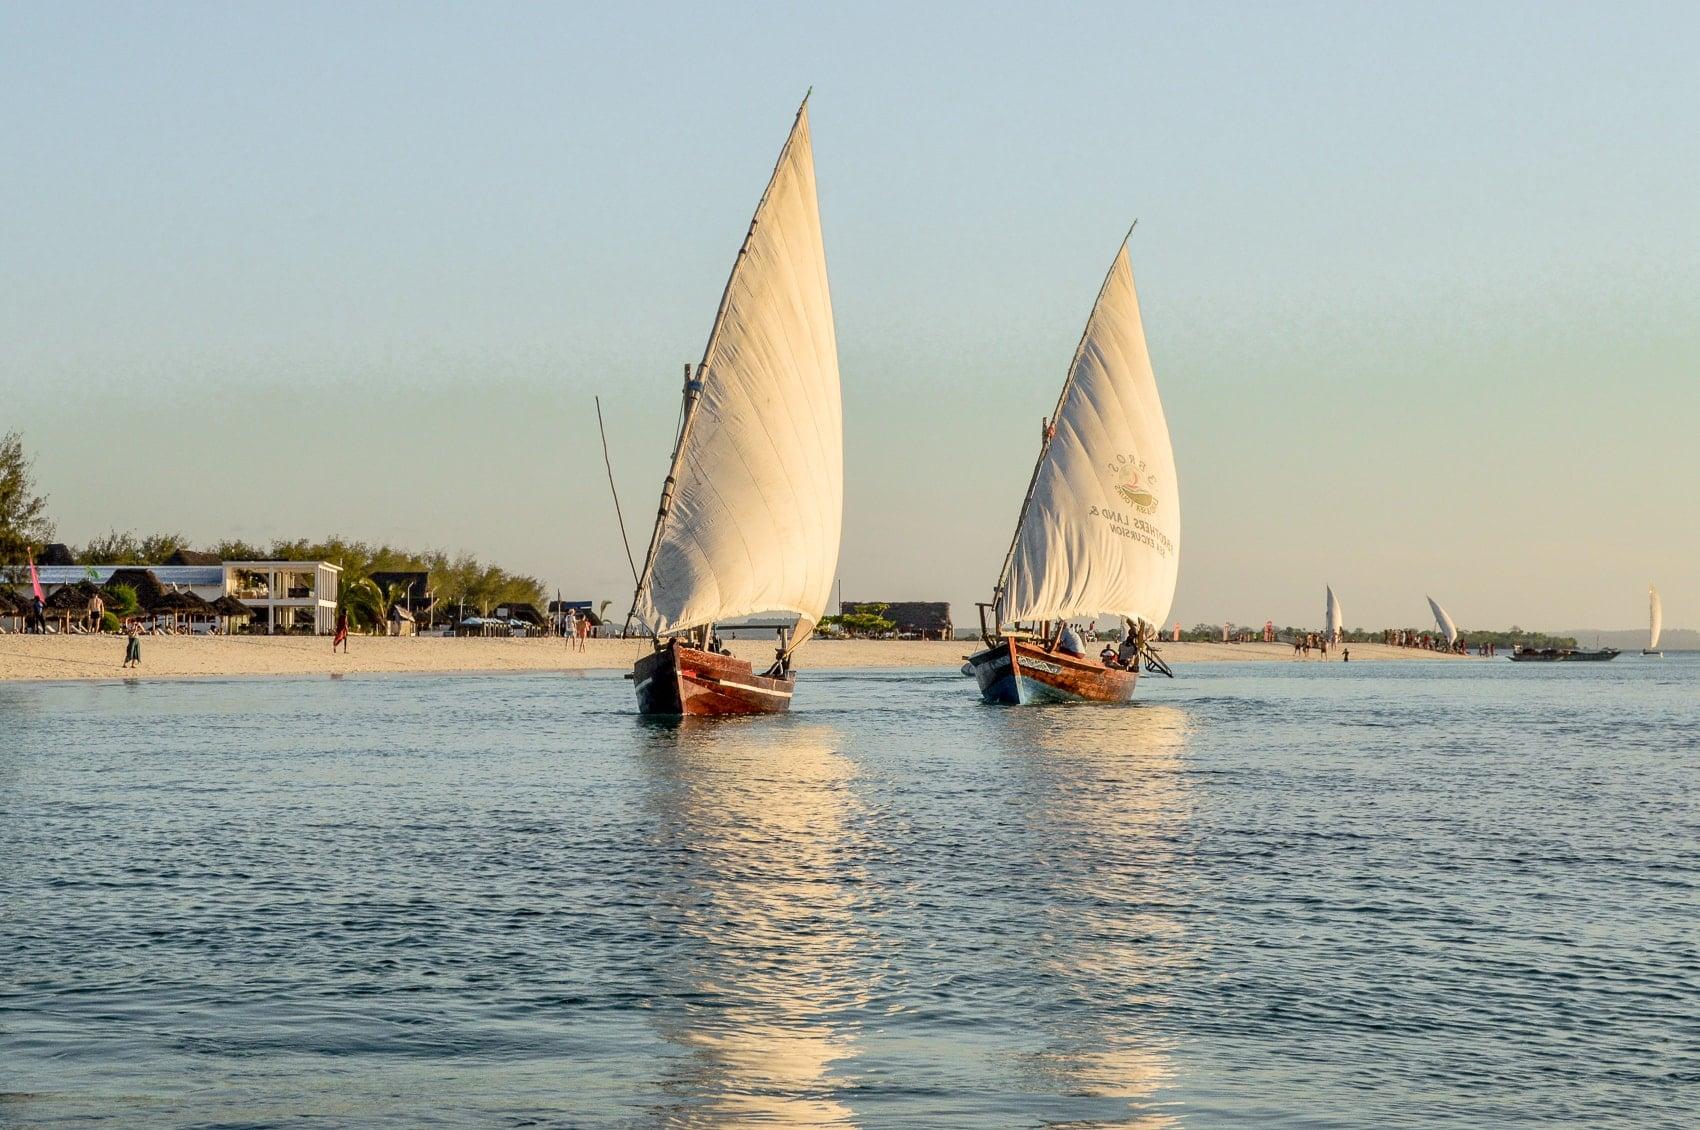 fünf-dinge-die-dich-auf-der-trauminsel-sansibar-überraschen-werden-sunset-cruise-kendwa-beach-reiseblog-des-belles-choses 10